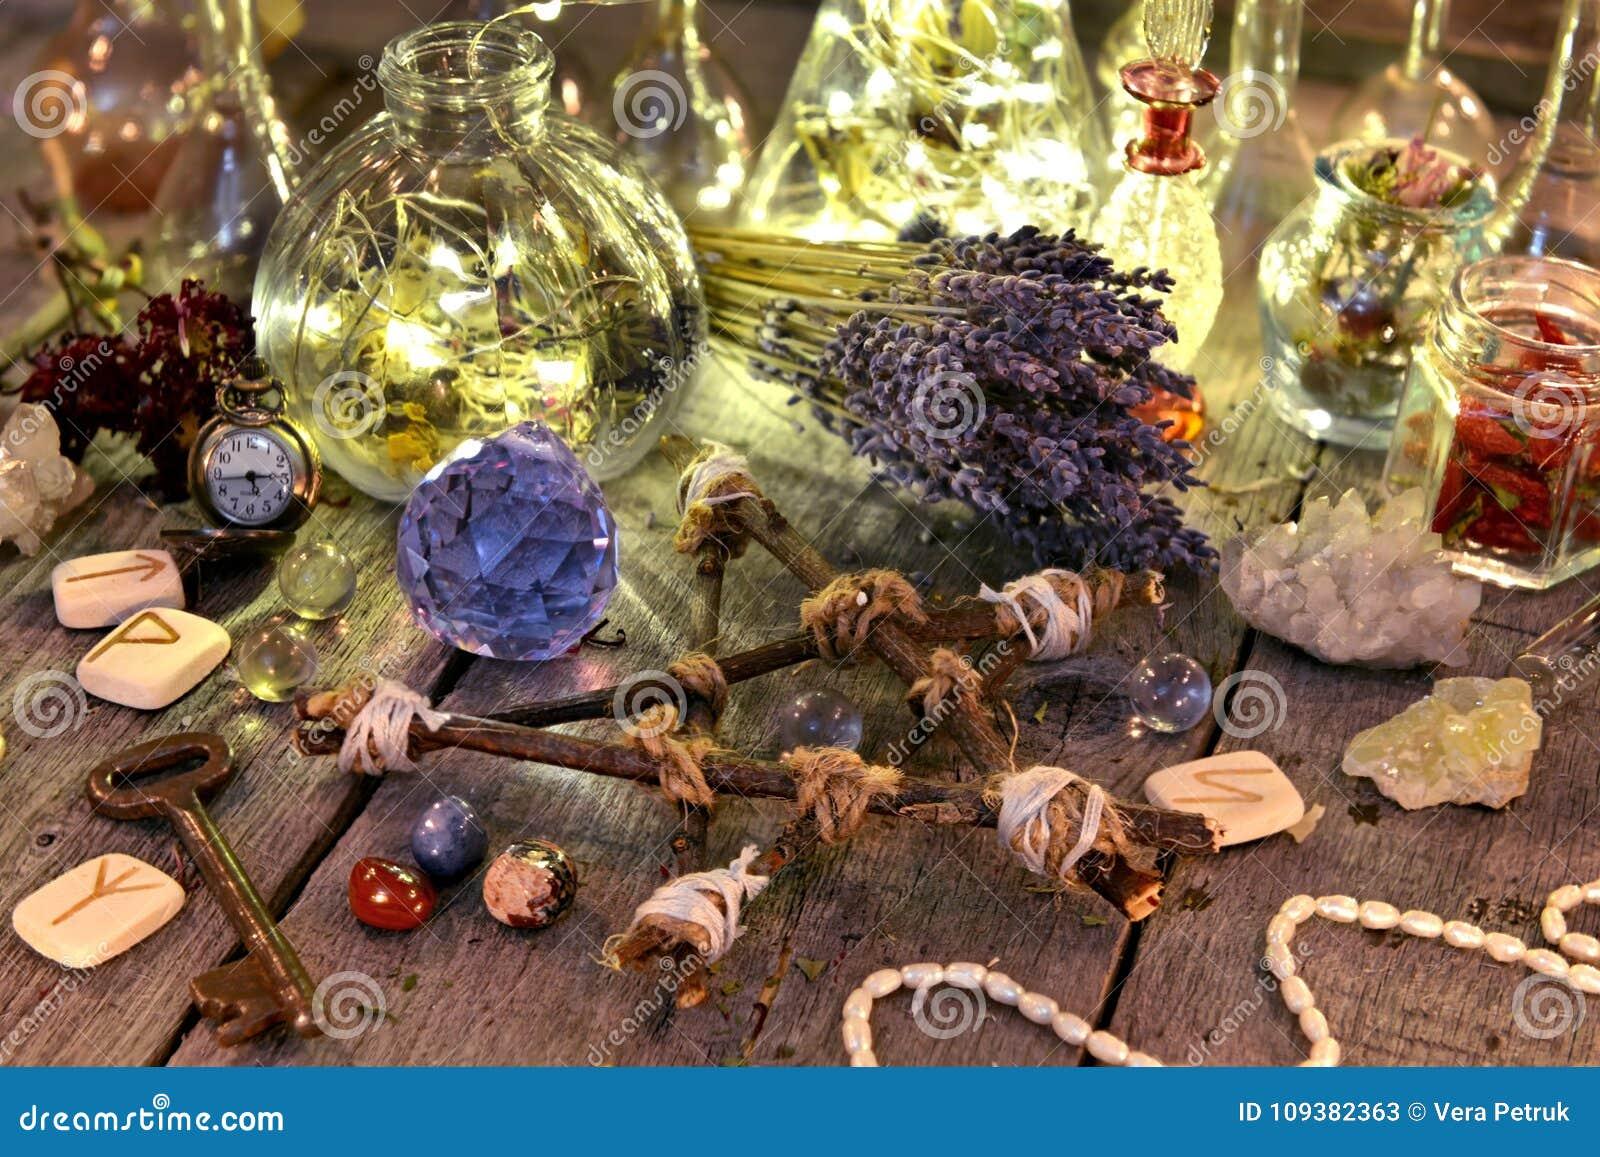 与瓶、淡紫色花、五角星形、诗歌和水晶的不可思议的礼节收藏